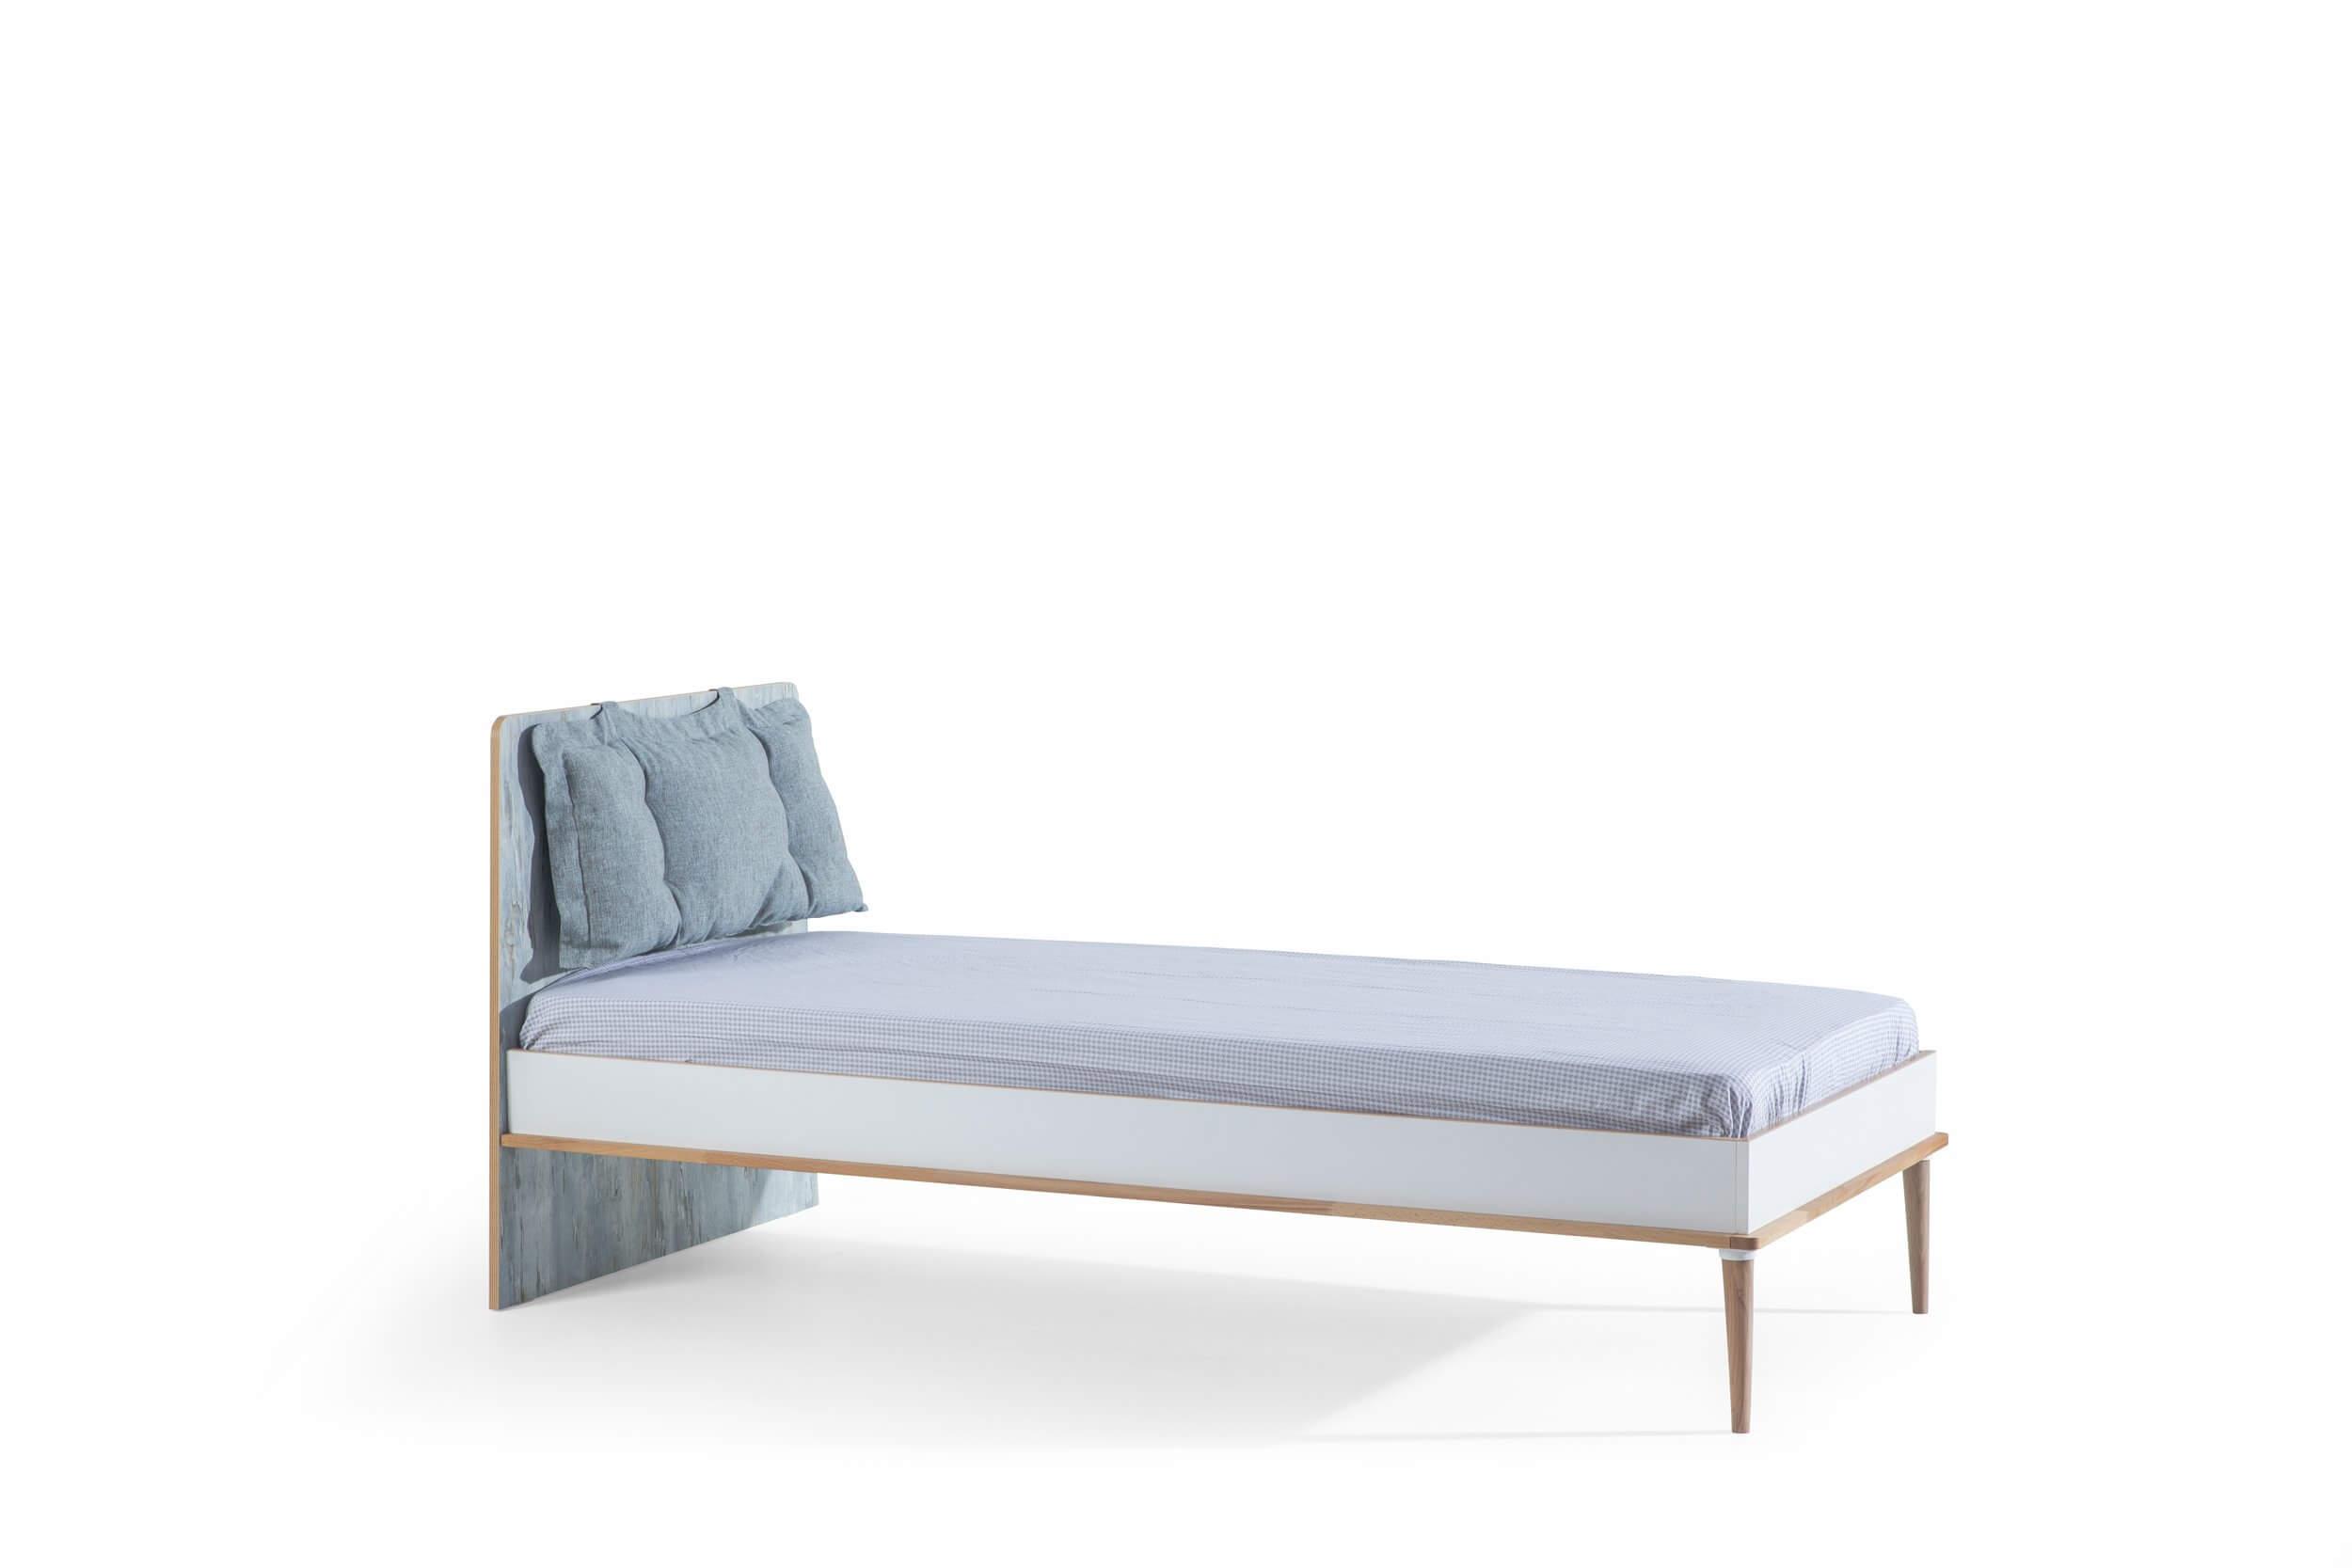 Full Size of Kinderbett 120x200 Aquasi Cm Bett Mit Matratze Und Lattenrost Weiß Bettkasten Betten Wohnzimmer Kinderbett 120x200